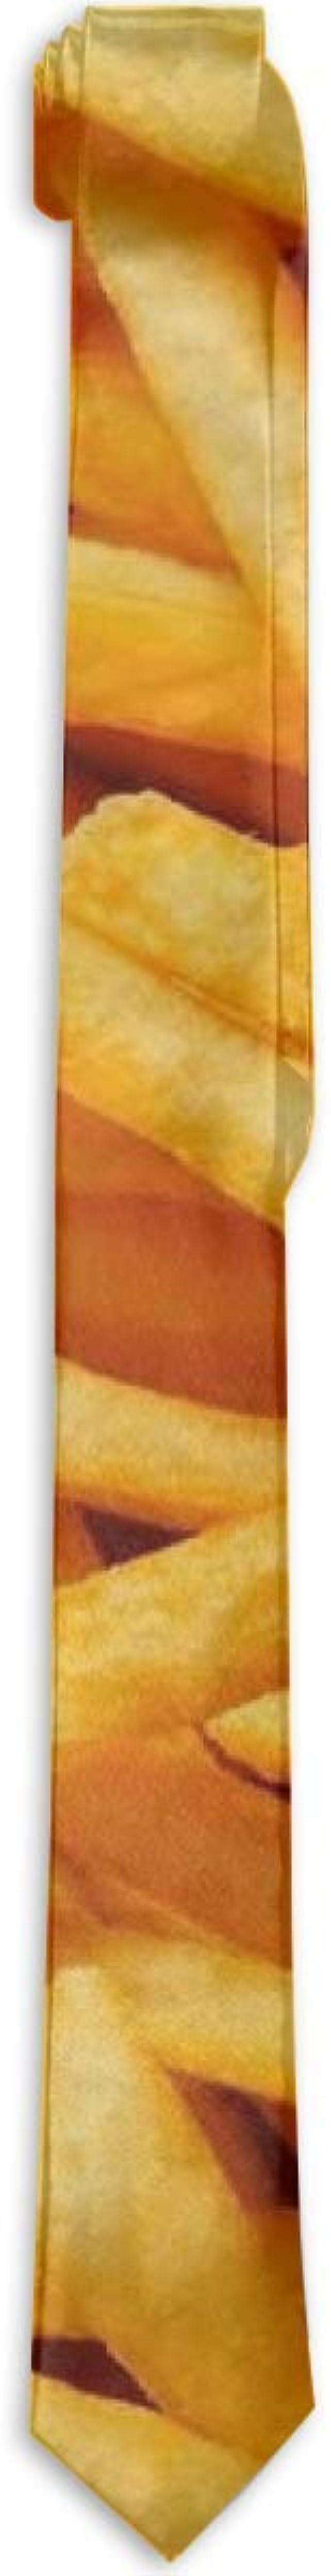 Cosicstore Accesorio de disfraz de patatas fritas a la moda ...